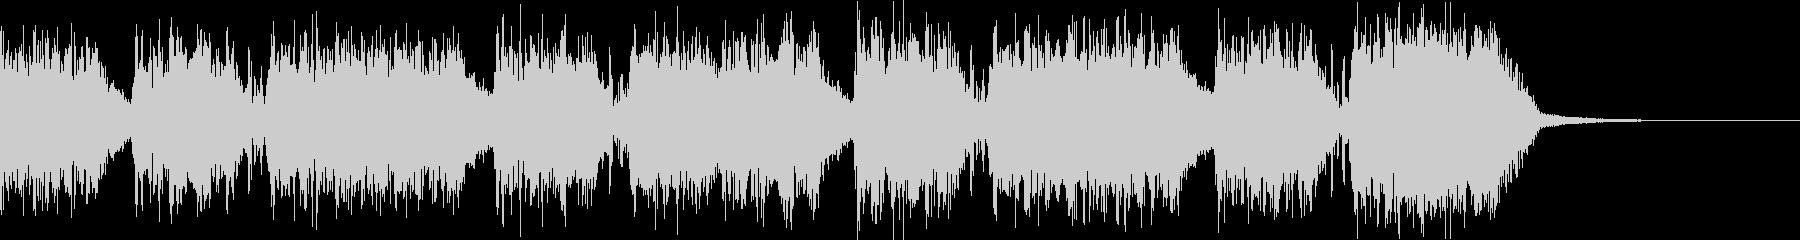 エネルギッシュ・ロックなサウンドロゴ11の未再生の波形